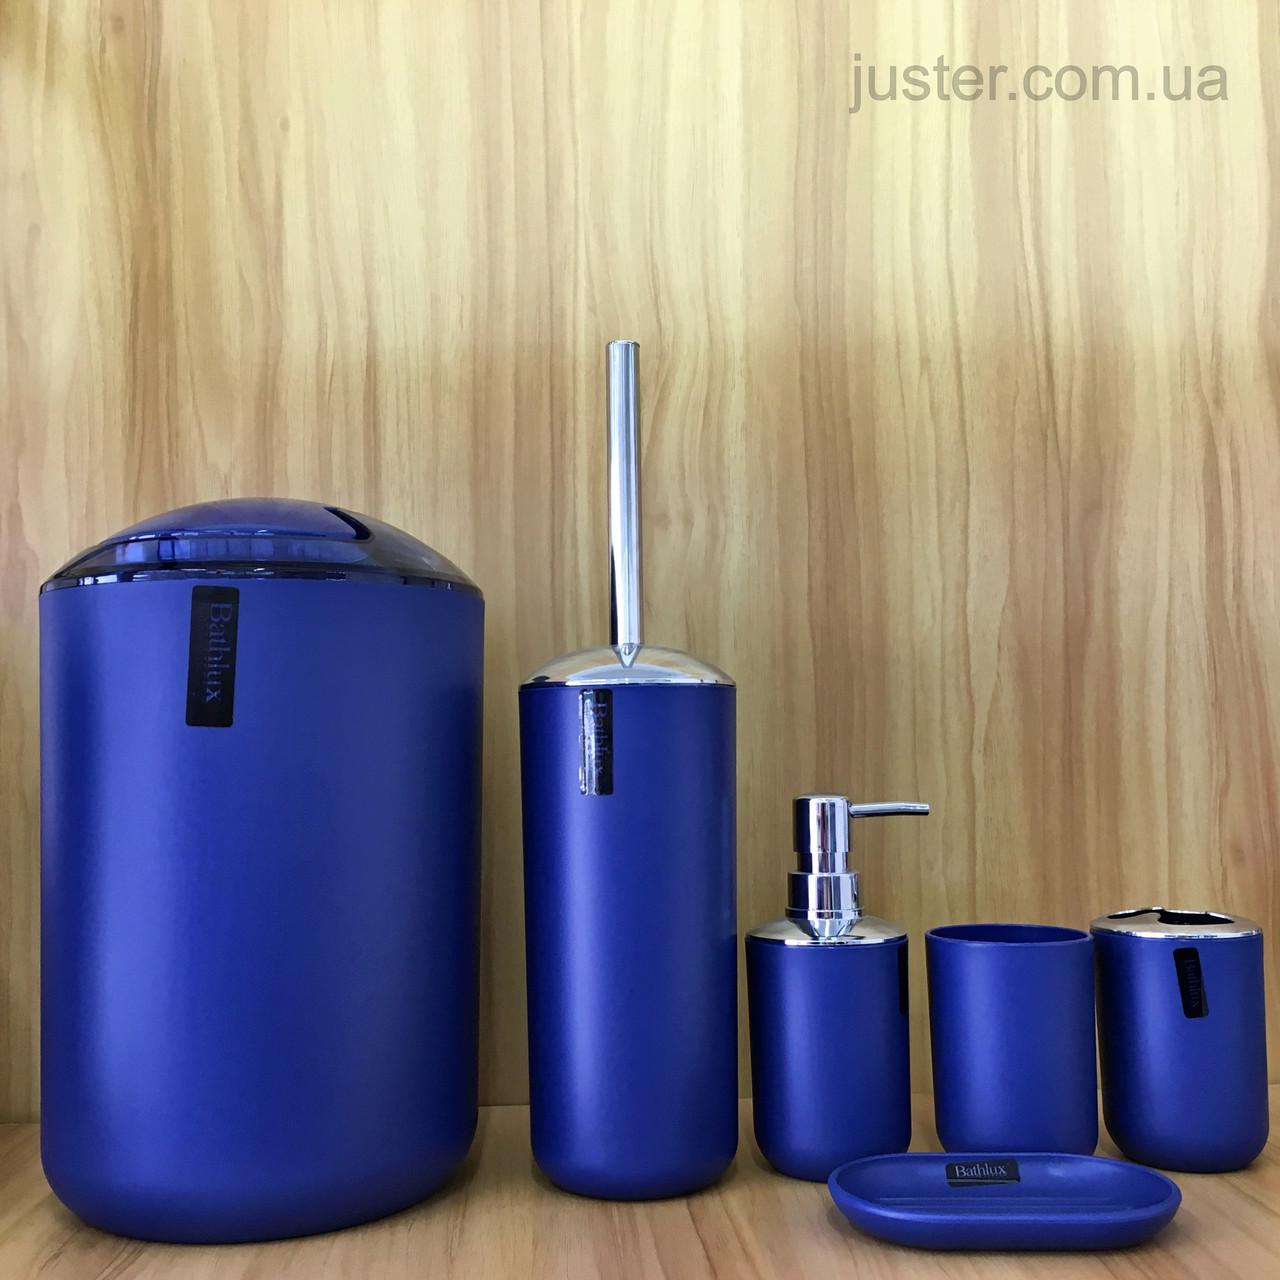 Набор аксессуаров для ванной комнаты Bathlux на 6 предметов